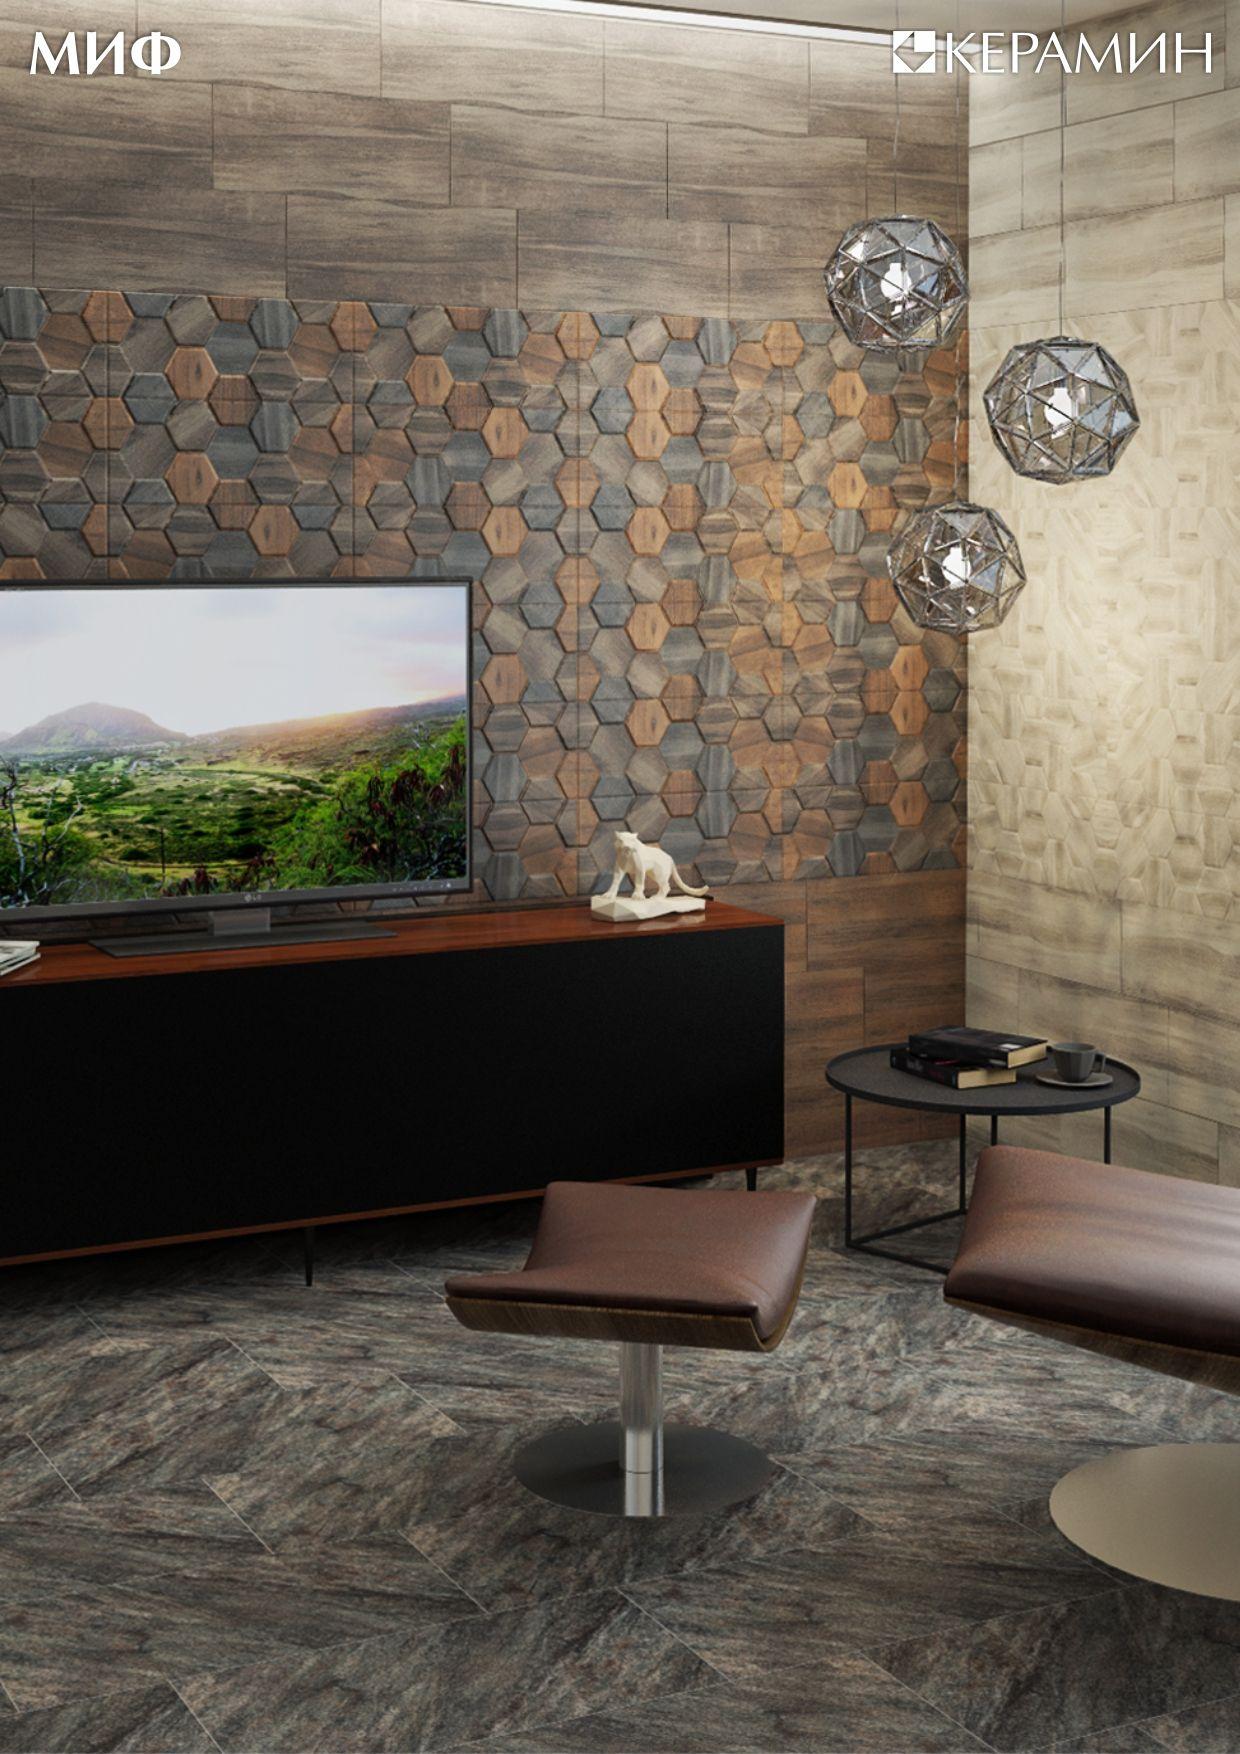 Керамическая плитка Миф от Керамин (цена, фото в интерьере ...